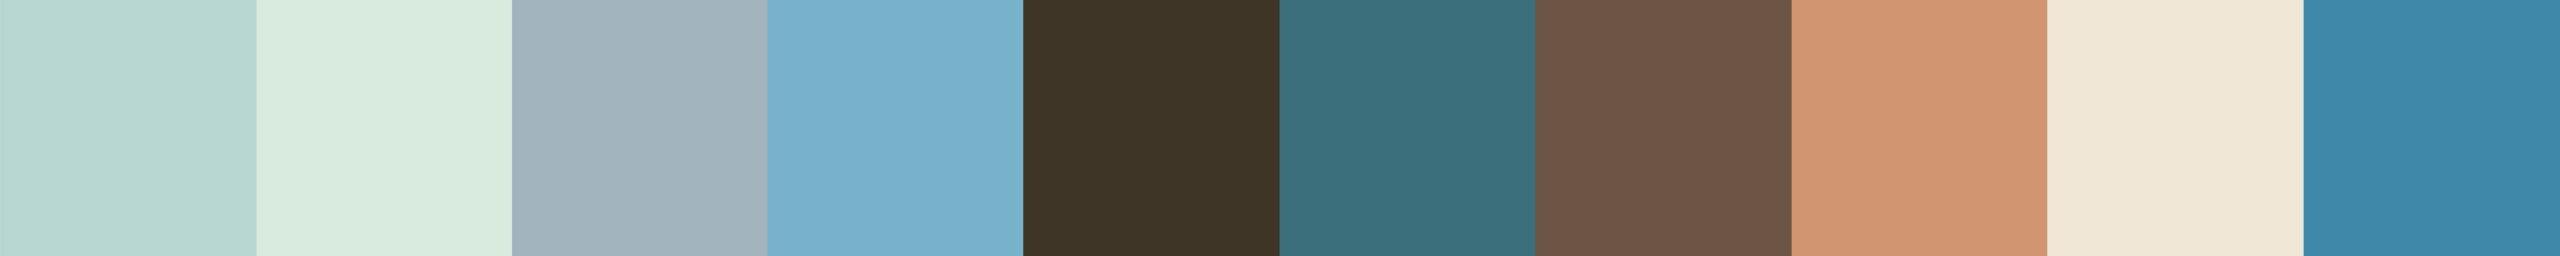 793 Keania Color Palette